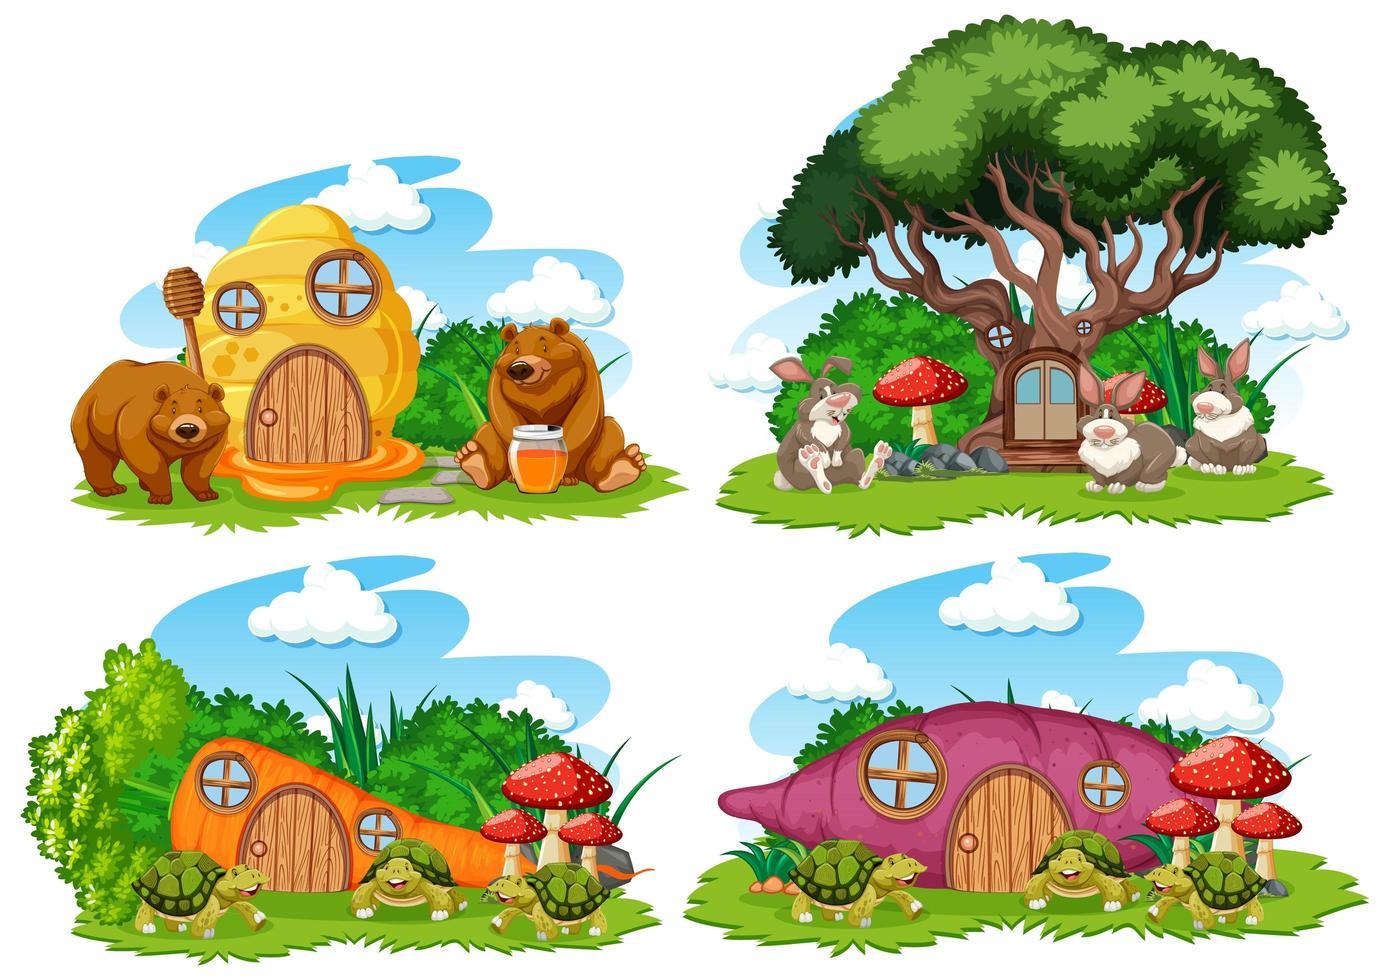 conjunto de casas de jardín de fantasía vector